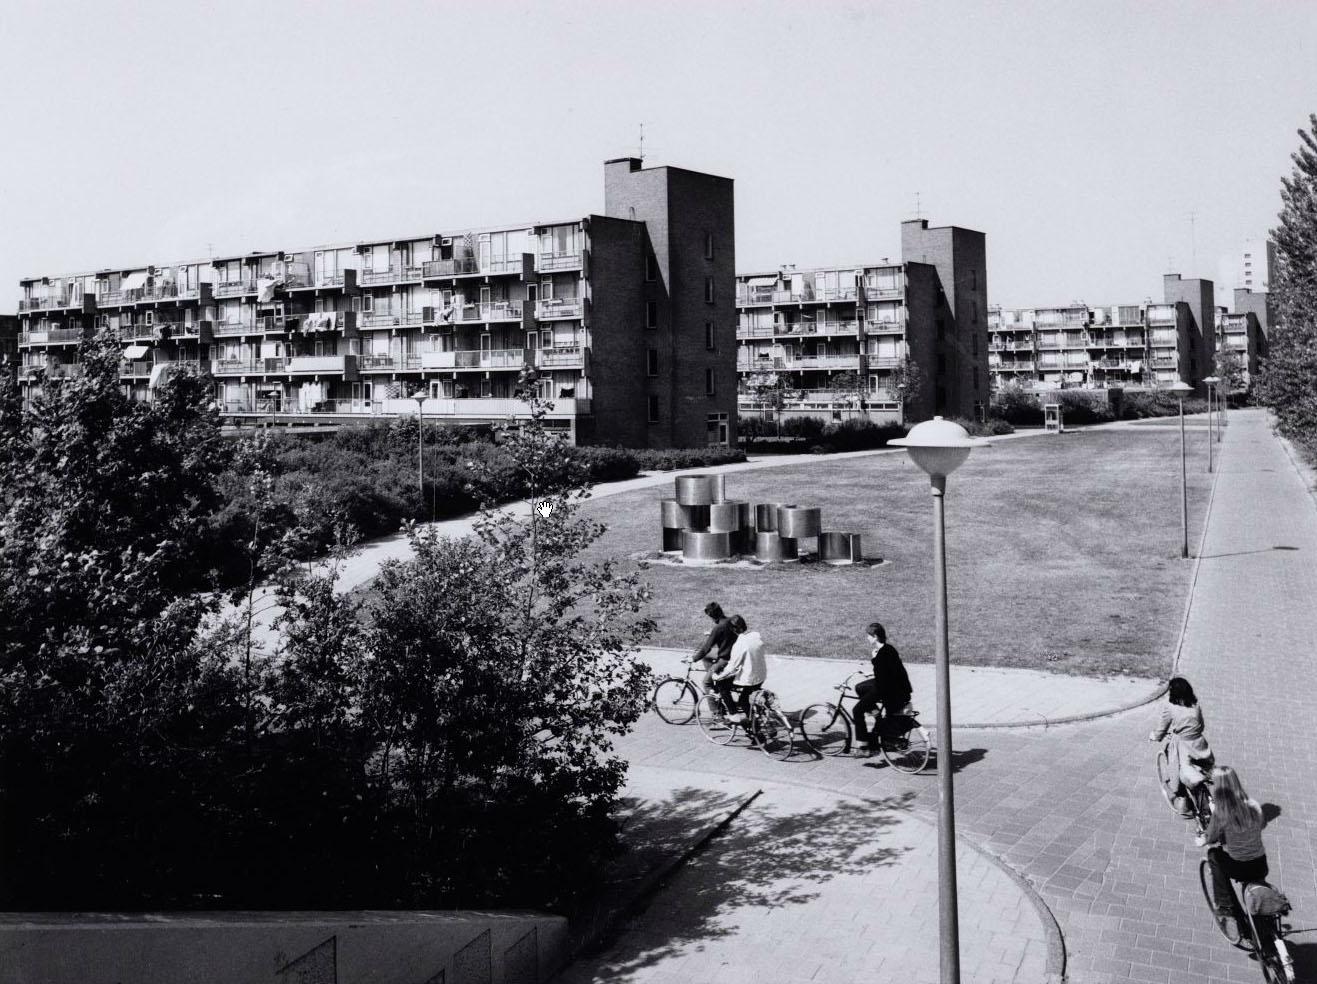 Koopvaardersplantsoen in 1968